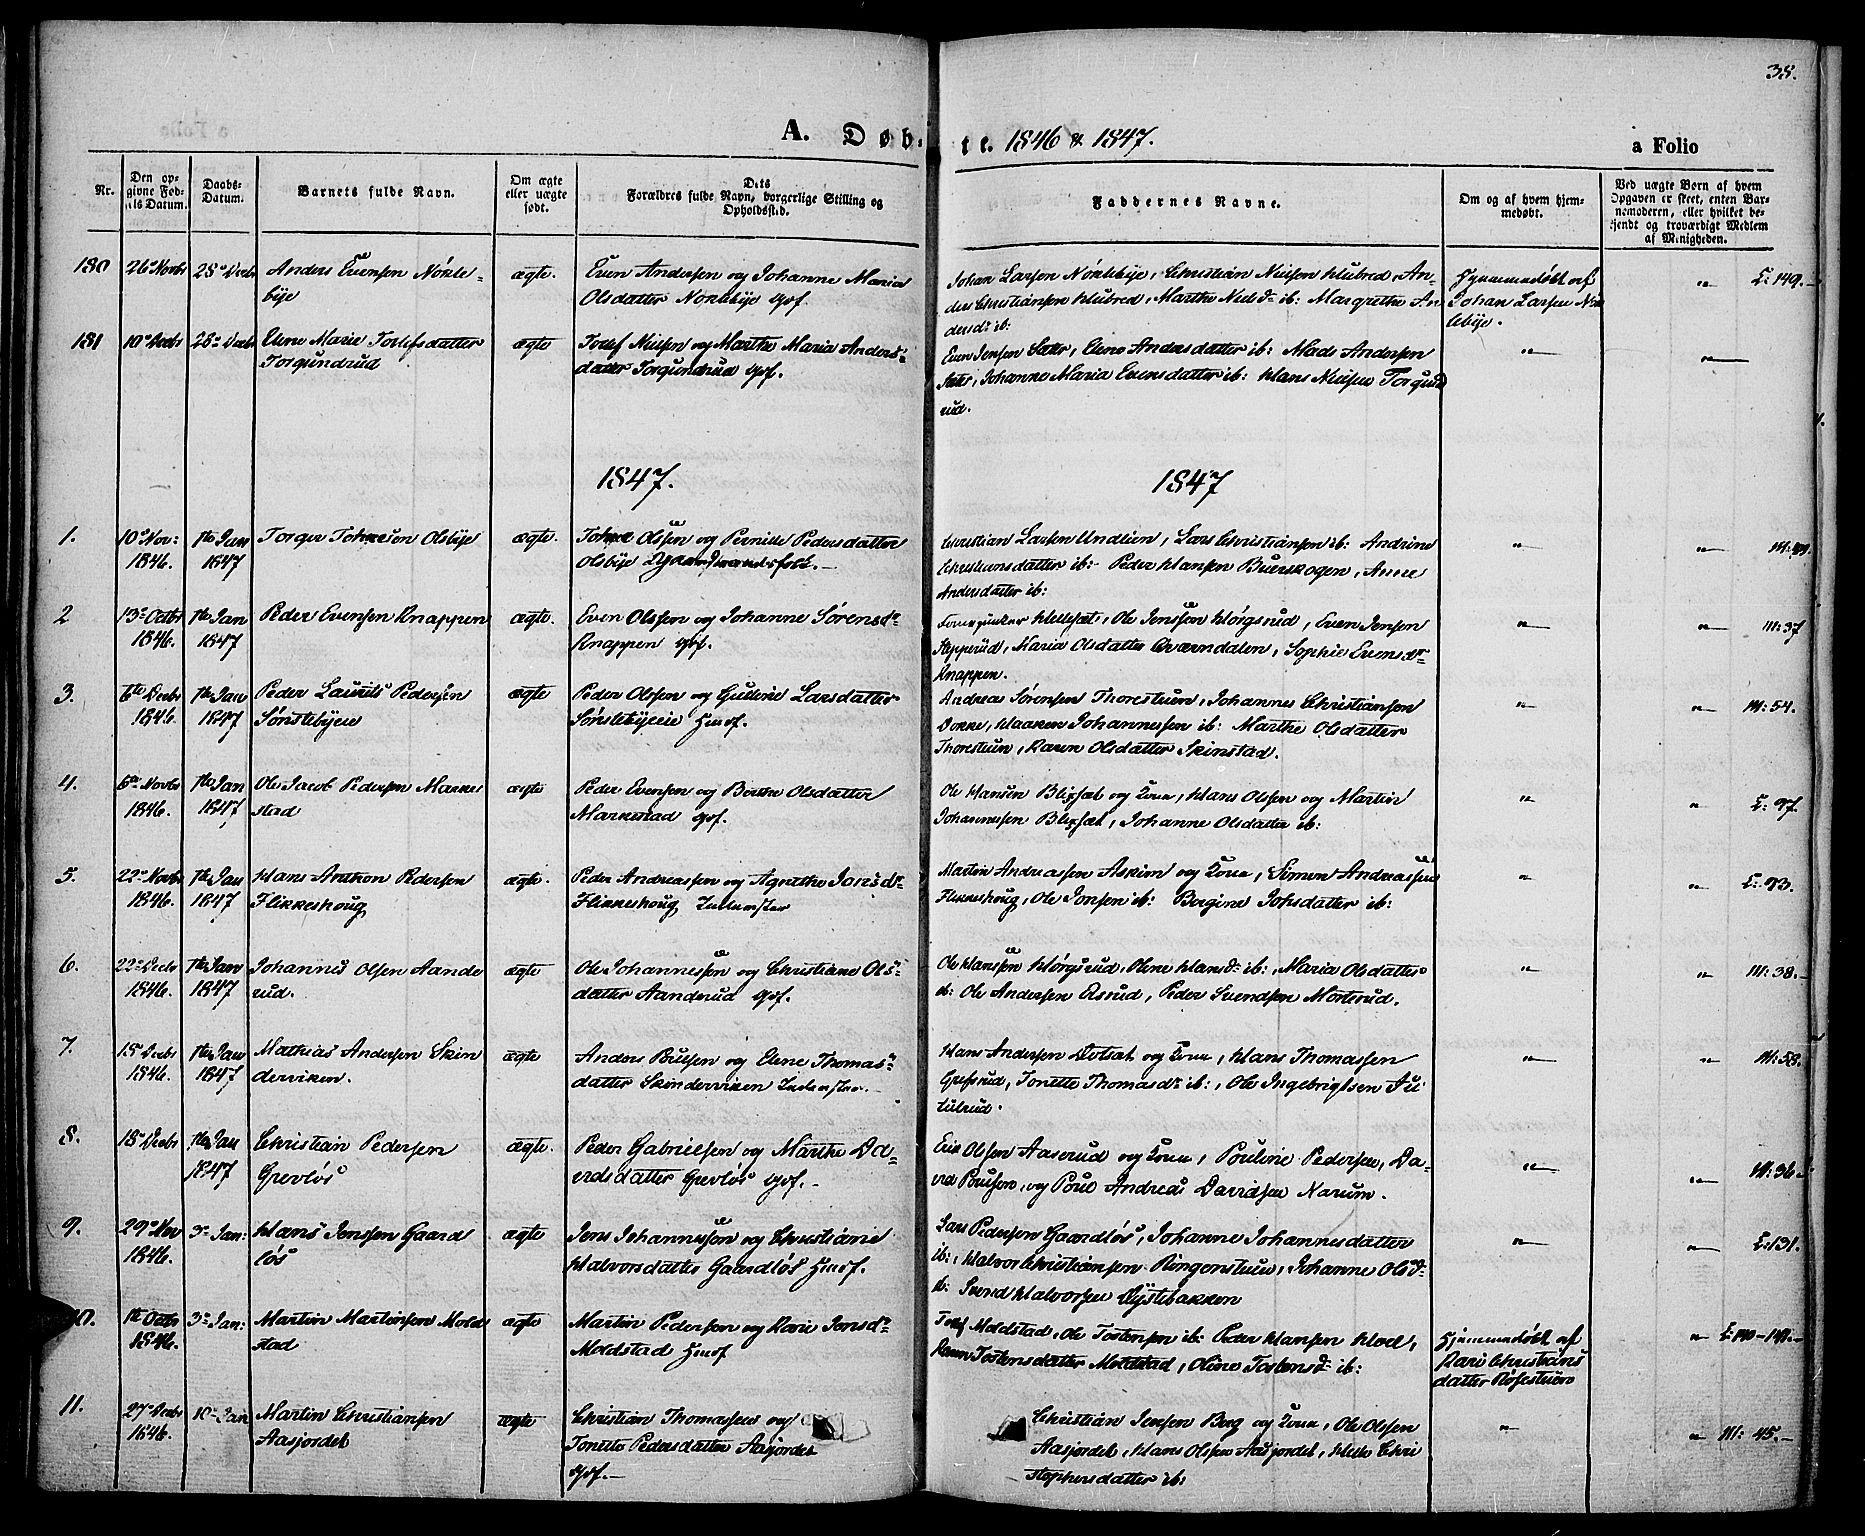 SAH, Vestre Toten prestekontor, Ministerialbok nr. 4, 1844-1849, s. 38